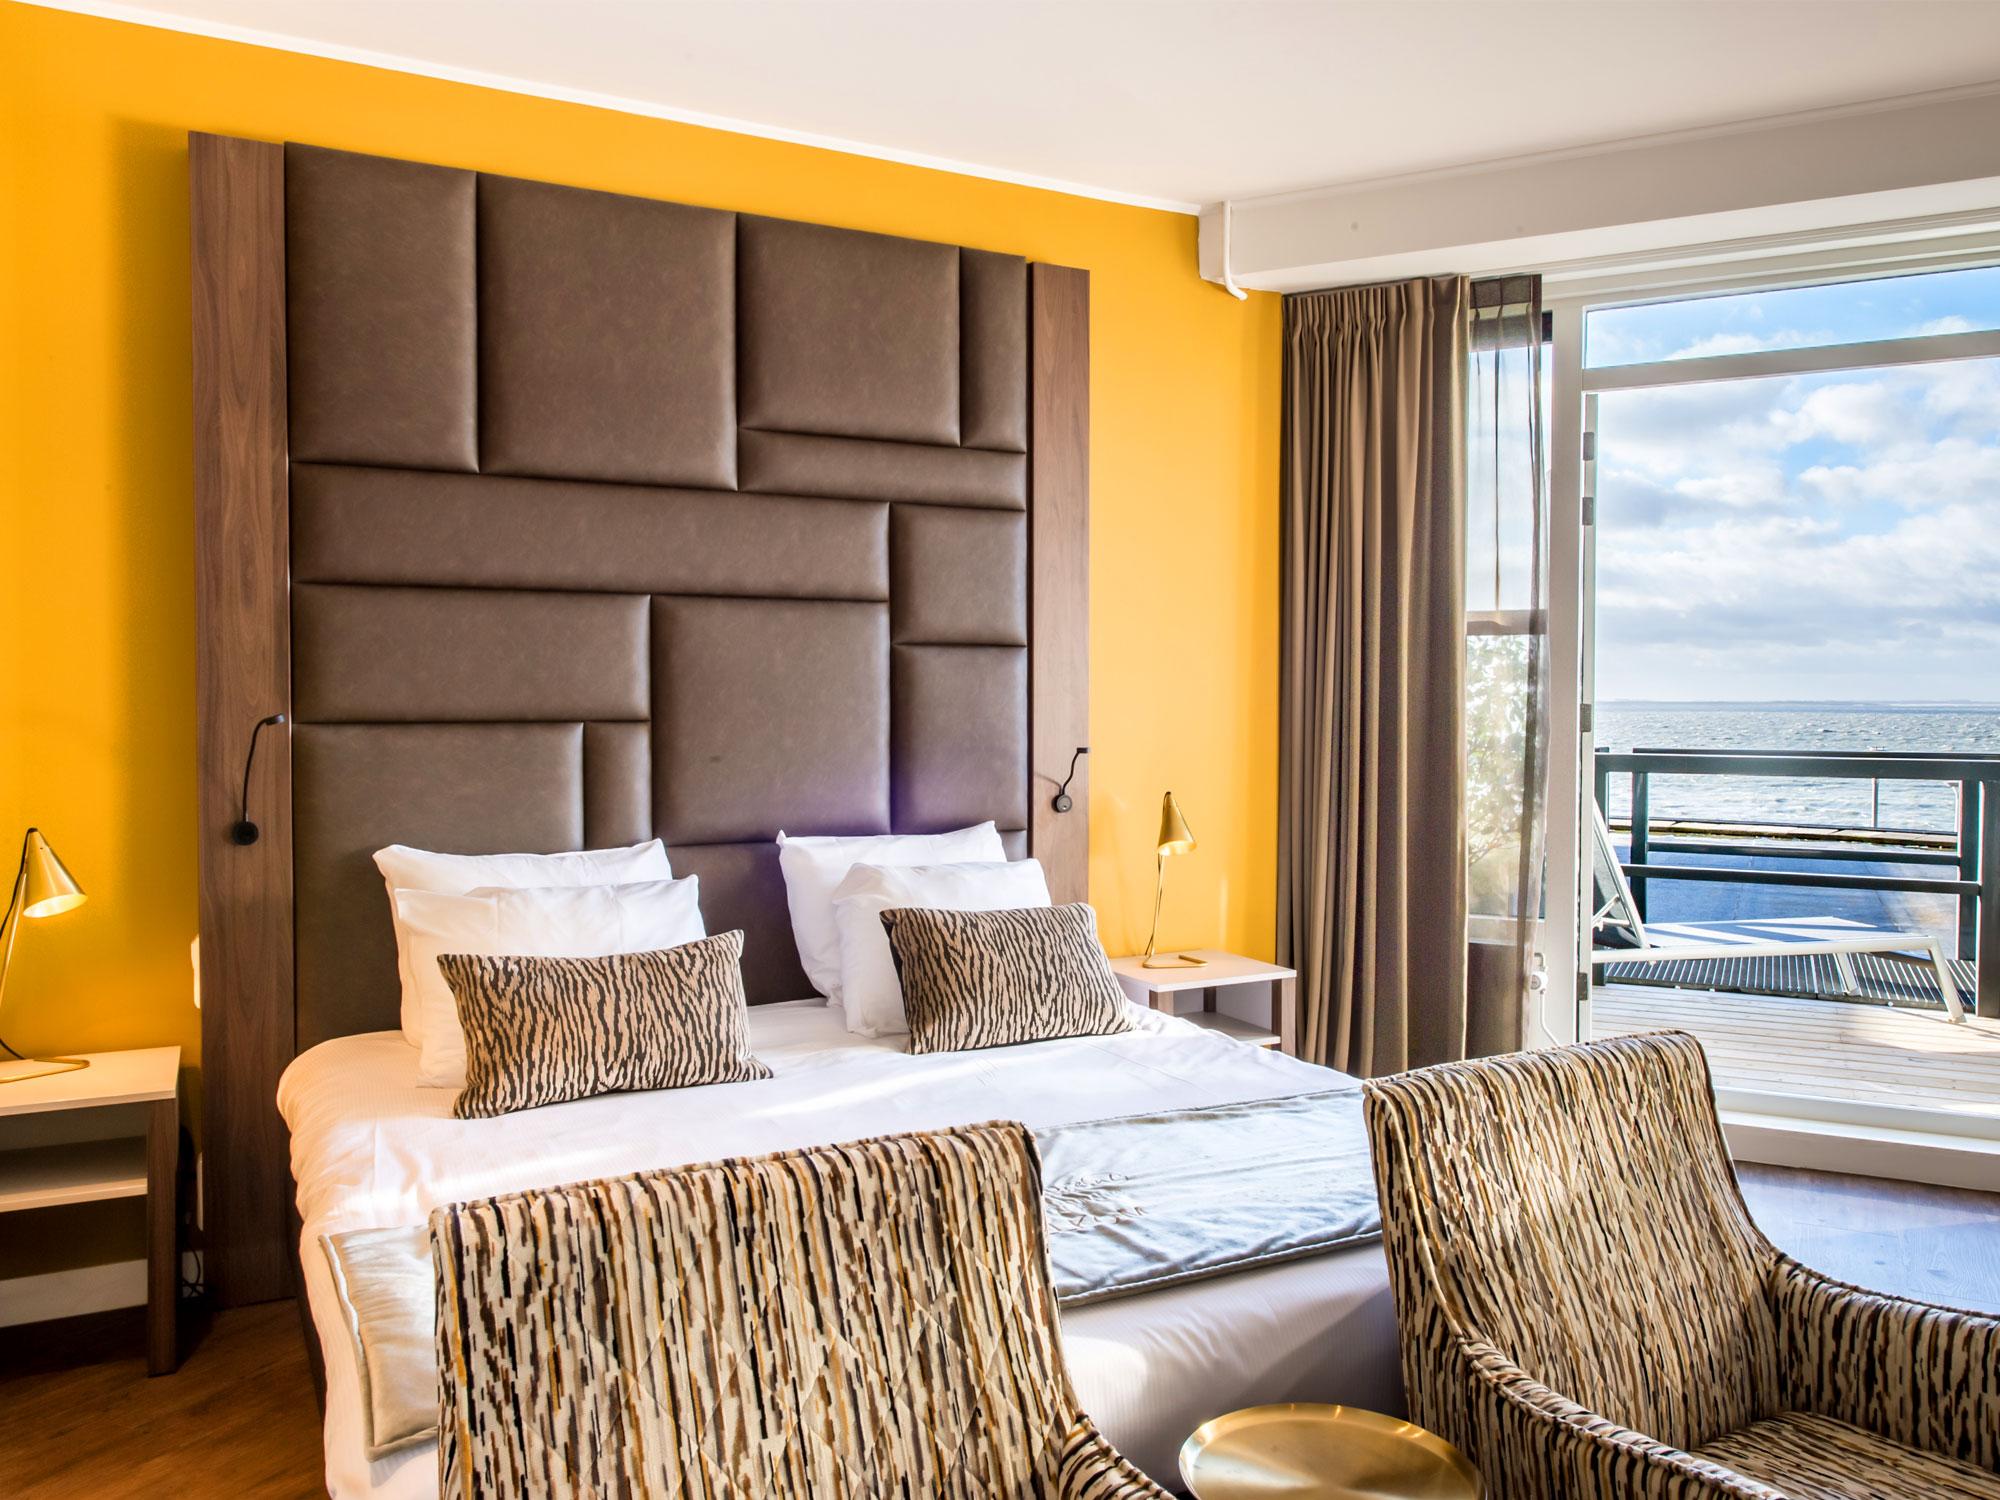 Hotelkamer in het Arion Hotel in Vlissingen.